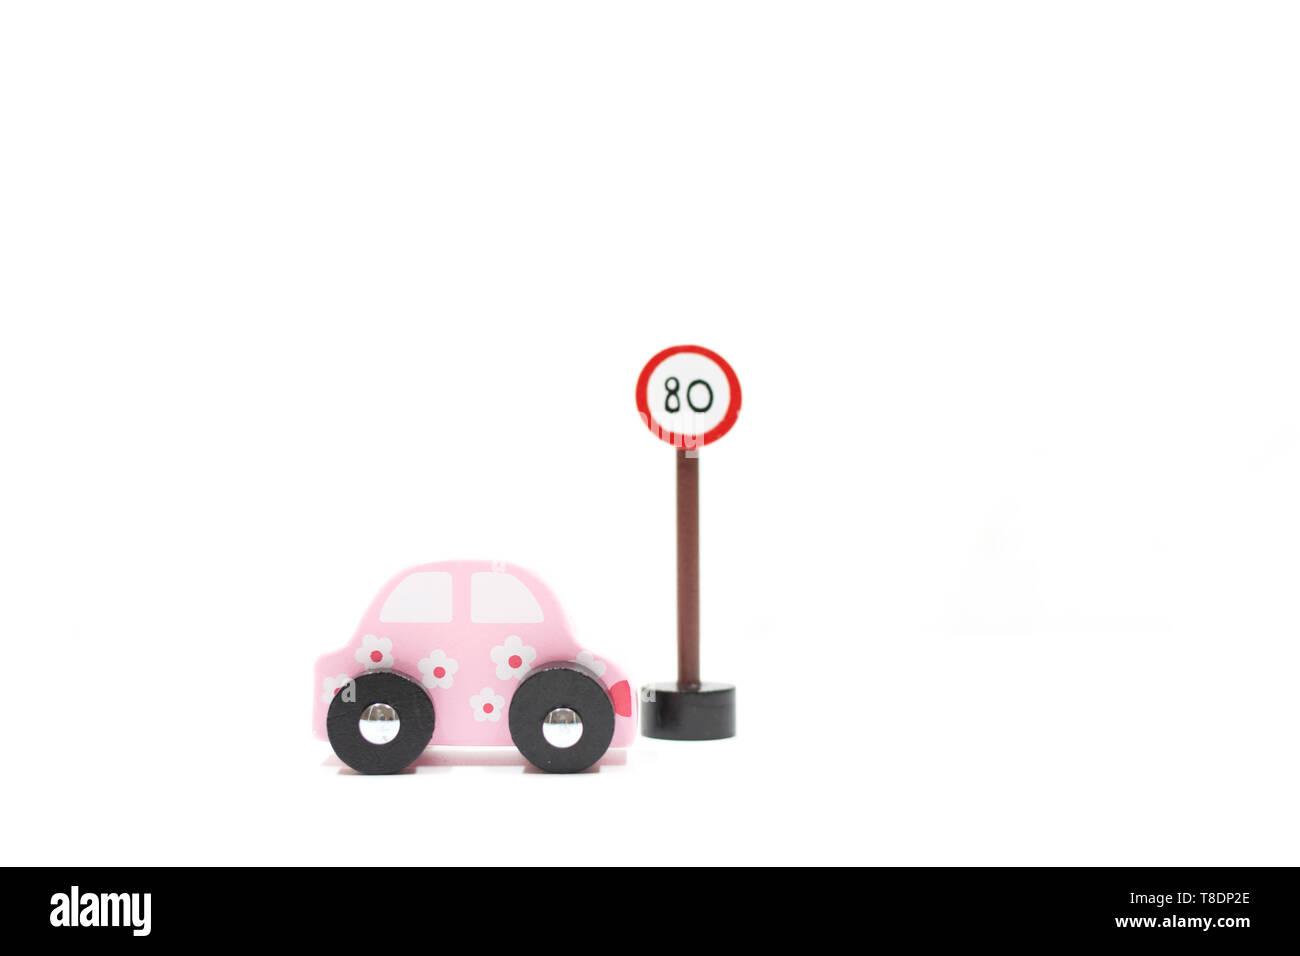 Aprenda a conducir los coches y signos sobre fondo blanco.Obtenga la licencia de conducir. Propósito para verano. licencia de conductor las normas de circulación de tráfico. Imagen De Stock